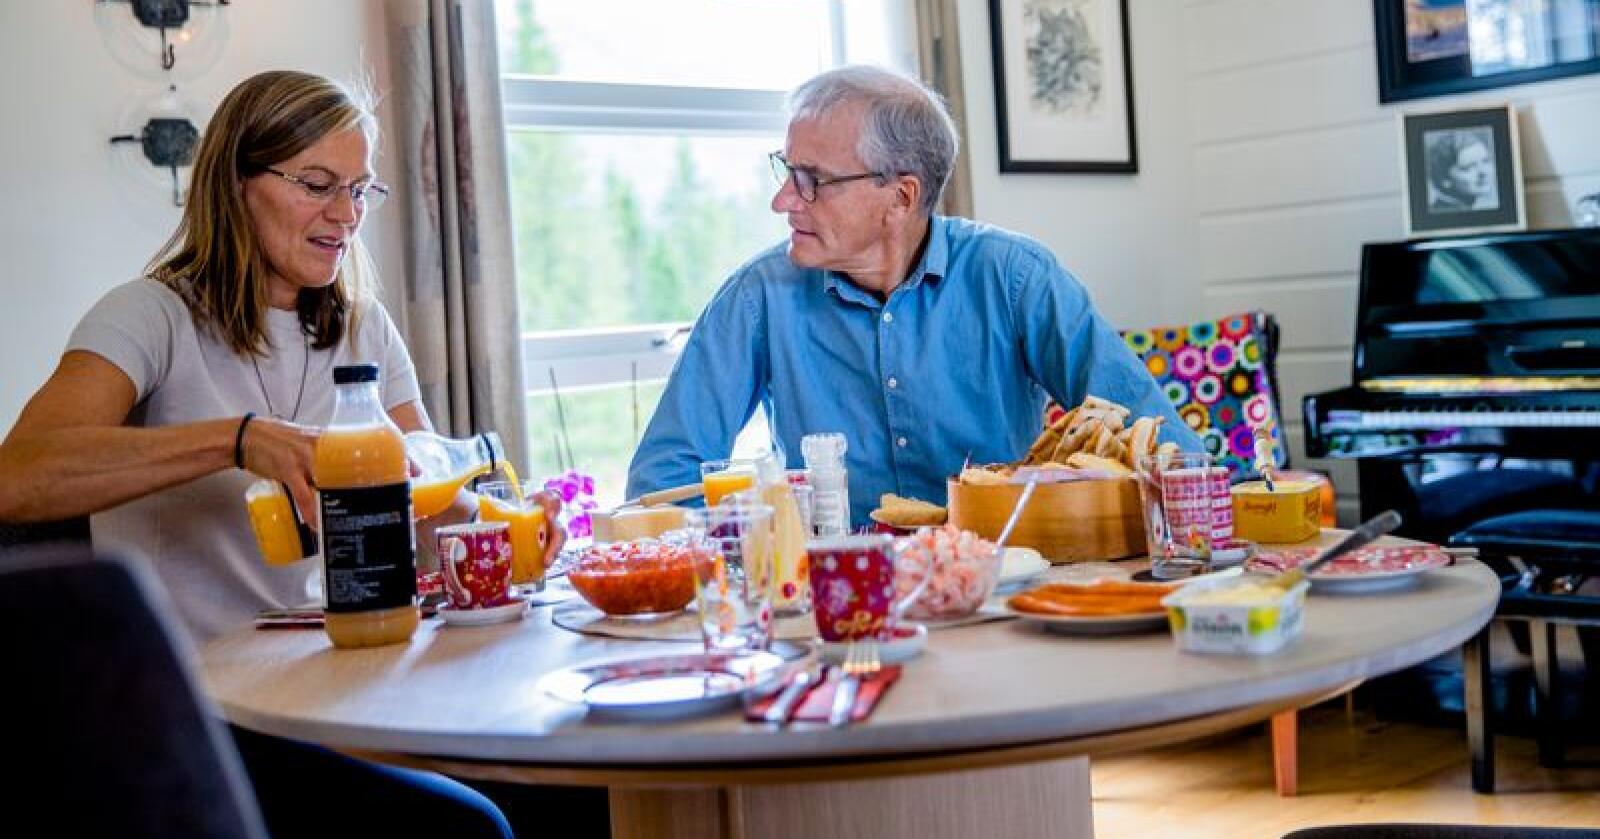 Ap-leder Jonas Gahr Støre fikk servert lunsj av ordførerkandidat Mette Varem i Hemnes kommune. Foto: Stian Lysberg Solum / NTB scanpix